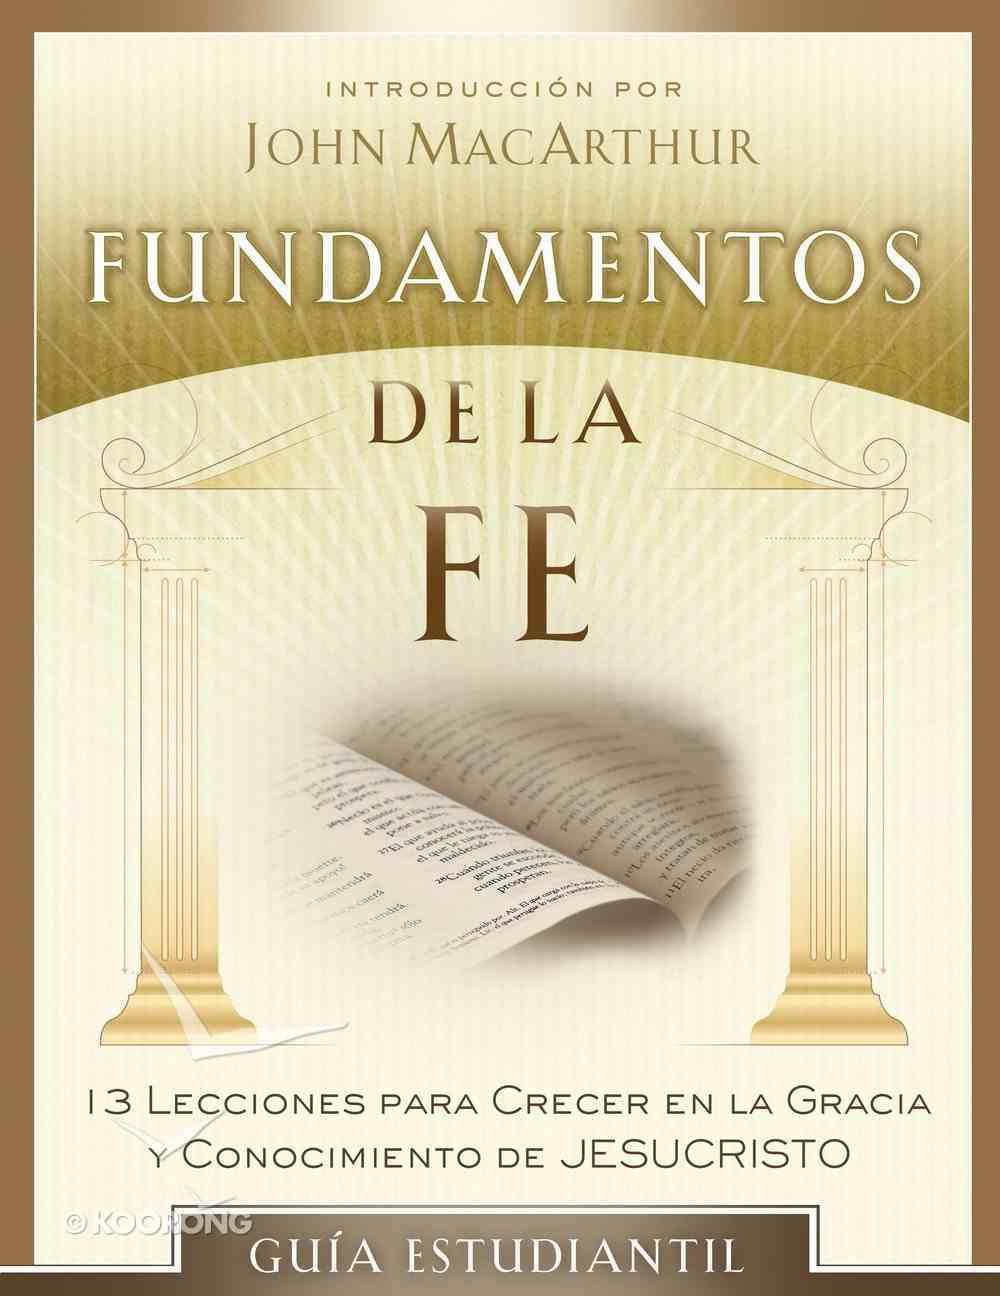 Fundamentos De La Fe (Fundamentals Of The Faith) eBook